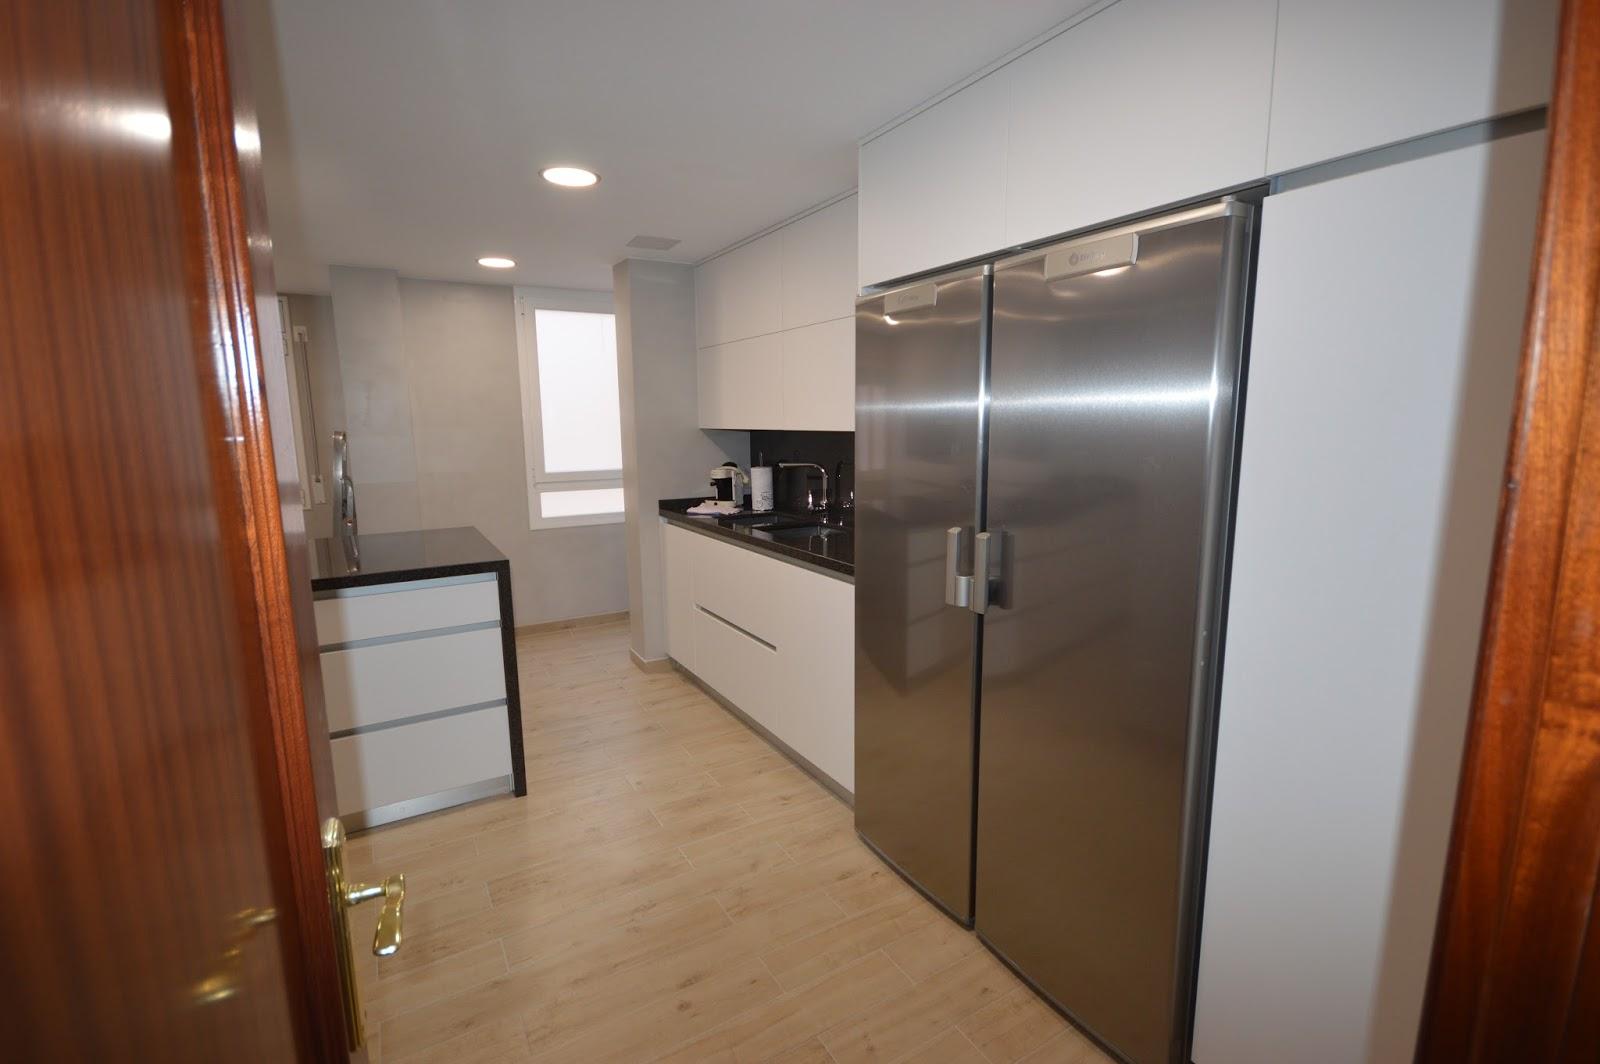 Reuscuina muebles de cocina sin tiradores con isla for Tiradores para muebles de cocina